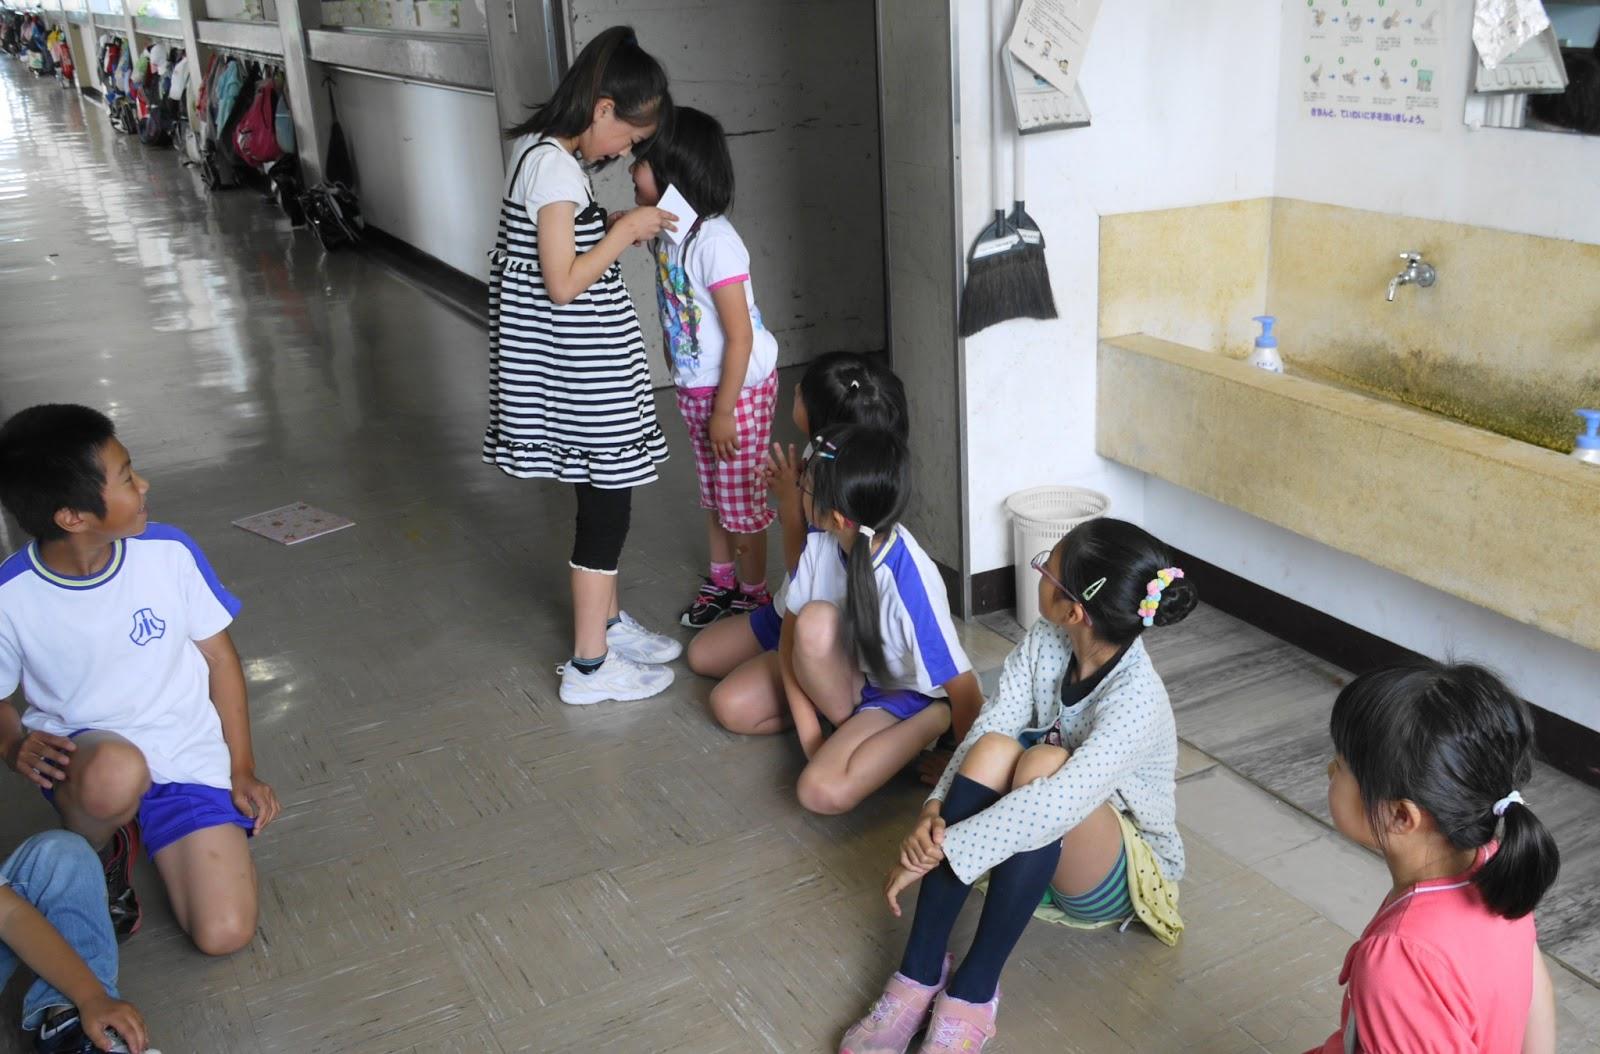 【速報】小学5年生(11)とエッチした変態ジャップ逮捕 [無断転載禁止]©2ch.net [118514591]YouTube動画>3本 ->画像>239枚